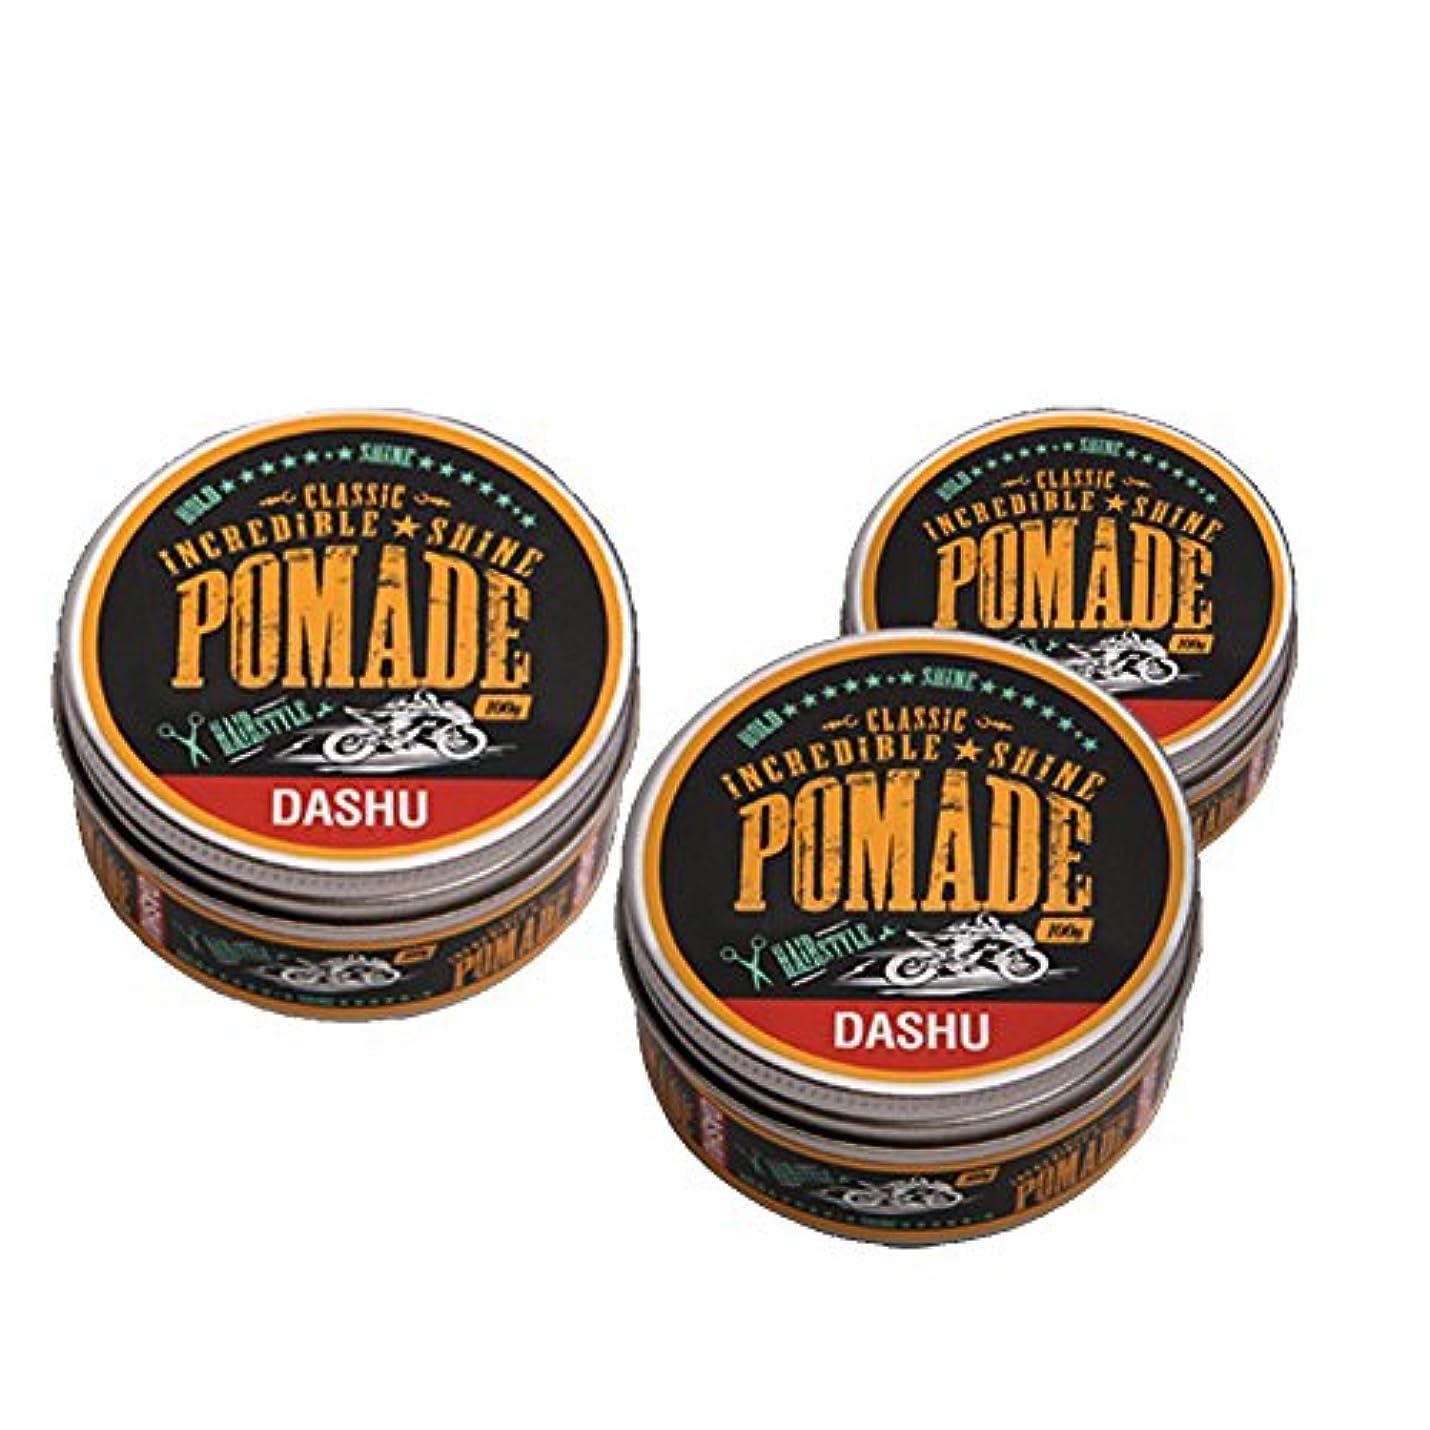 呪いさわやか中間(3個セット) x [DASHU] ダシュ クラシック 信じられないほどの輝き ポマードワックス Classic Incredible Shine Pomade Hair Wax 100ml / 韓国製 . 韓国直送品